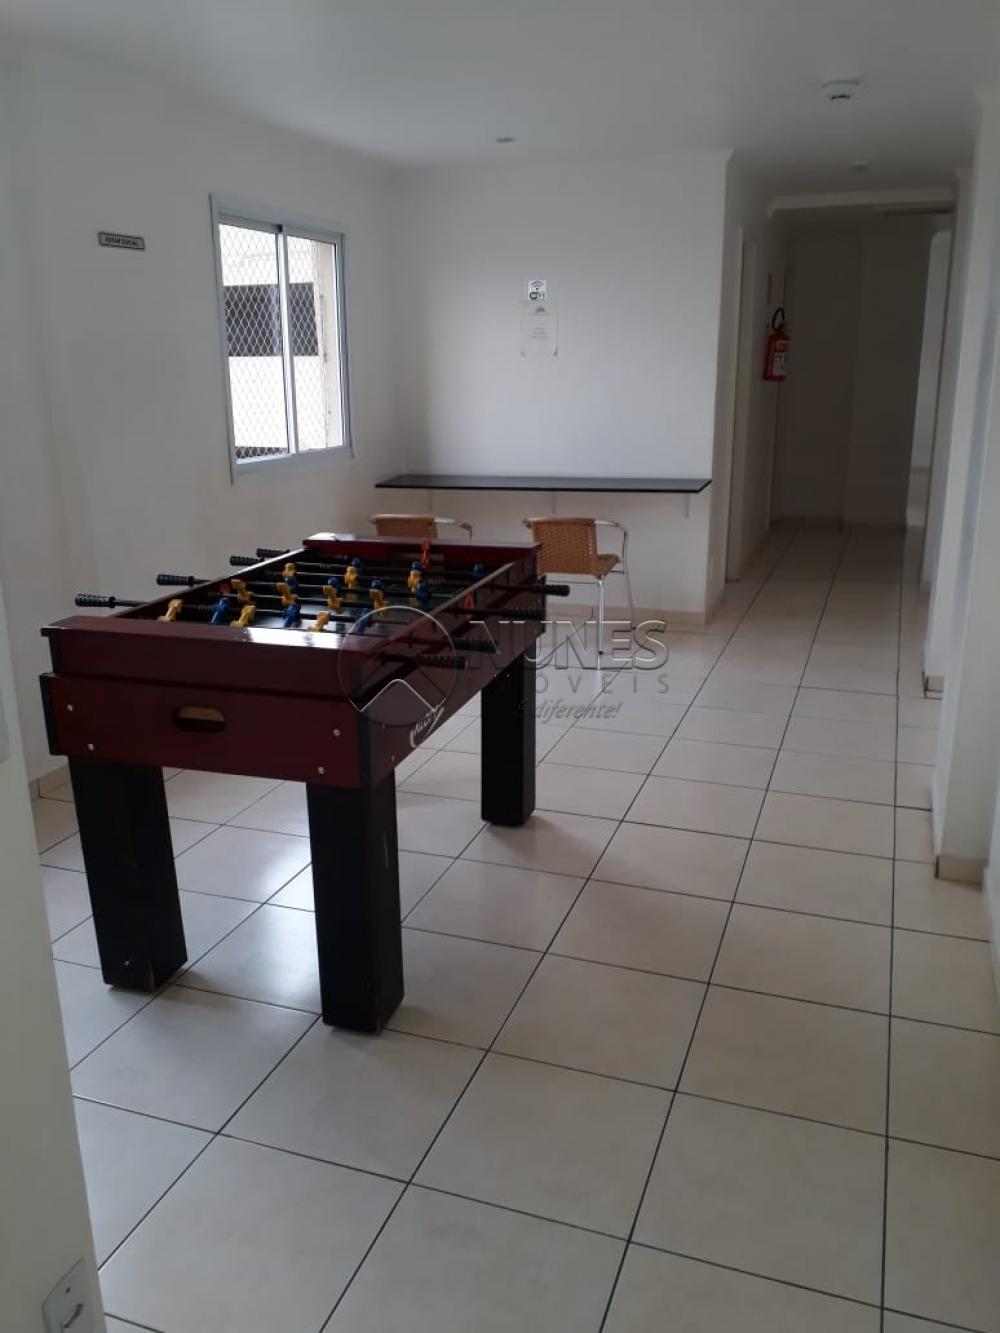 Comprar Apartamento / Padrão em Osasco apenas R$ 255.000,00 - Foto 23